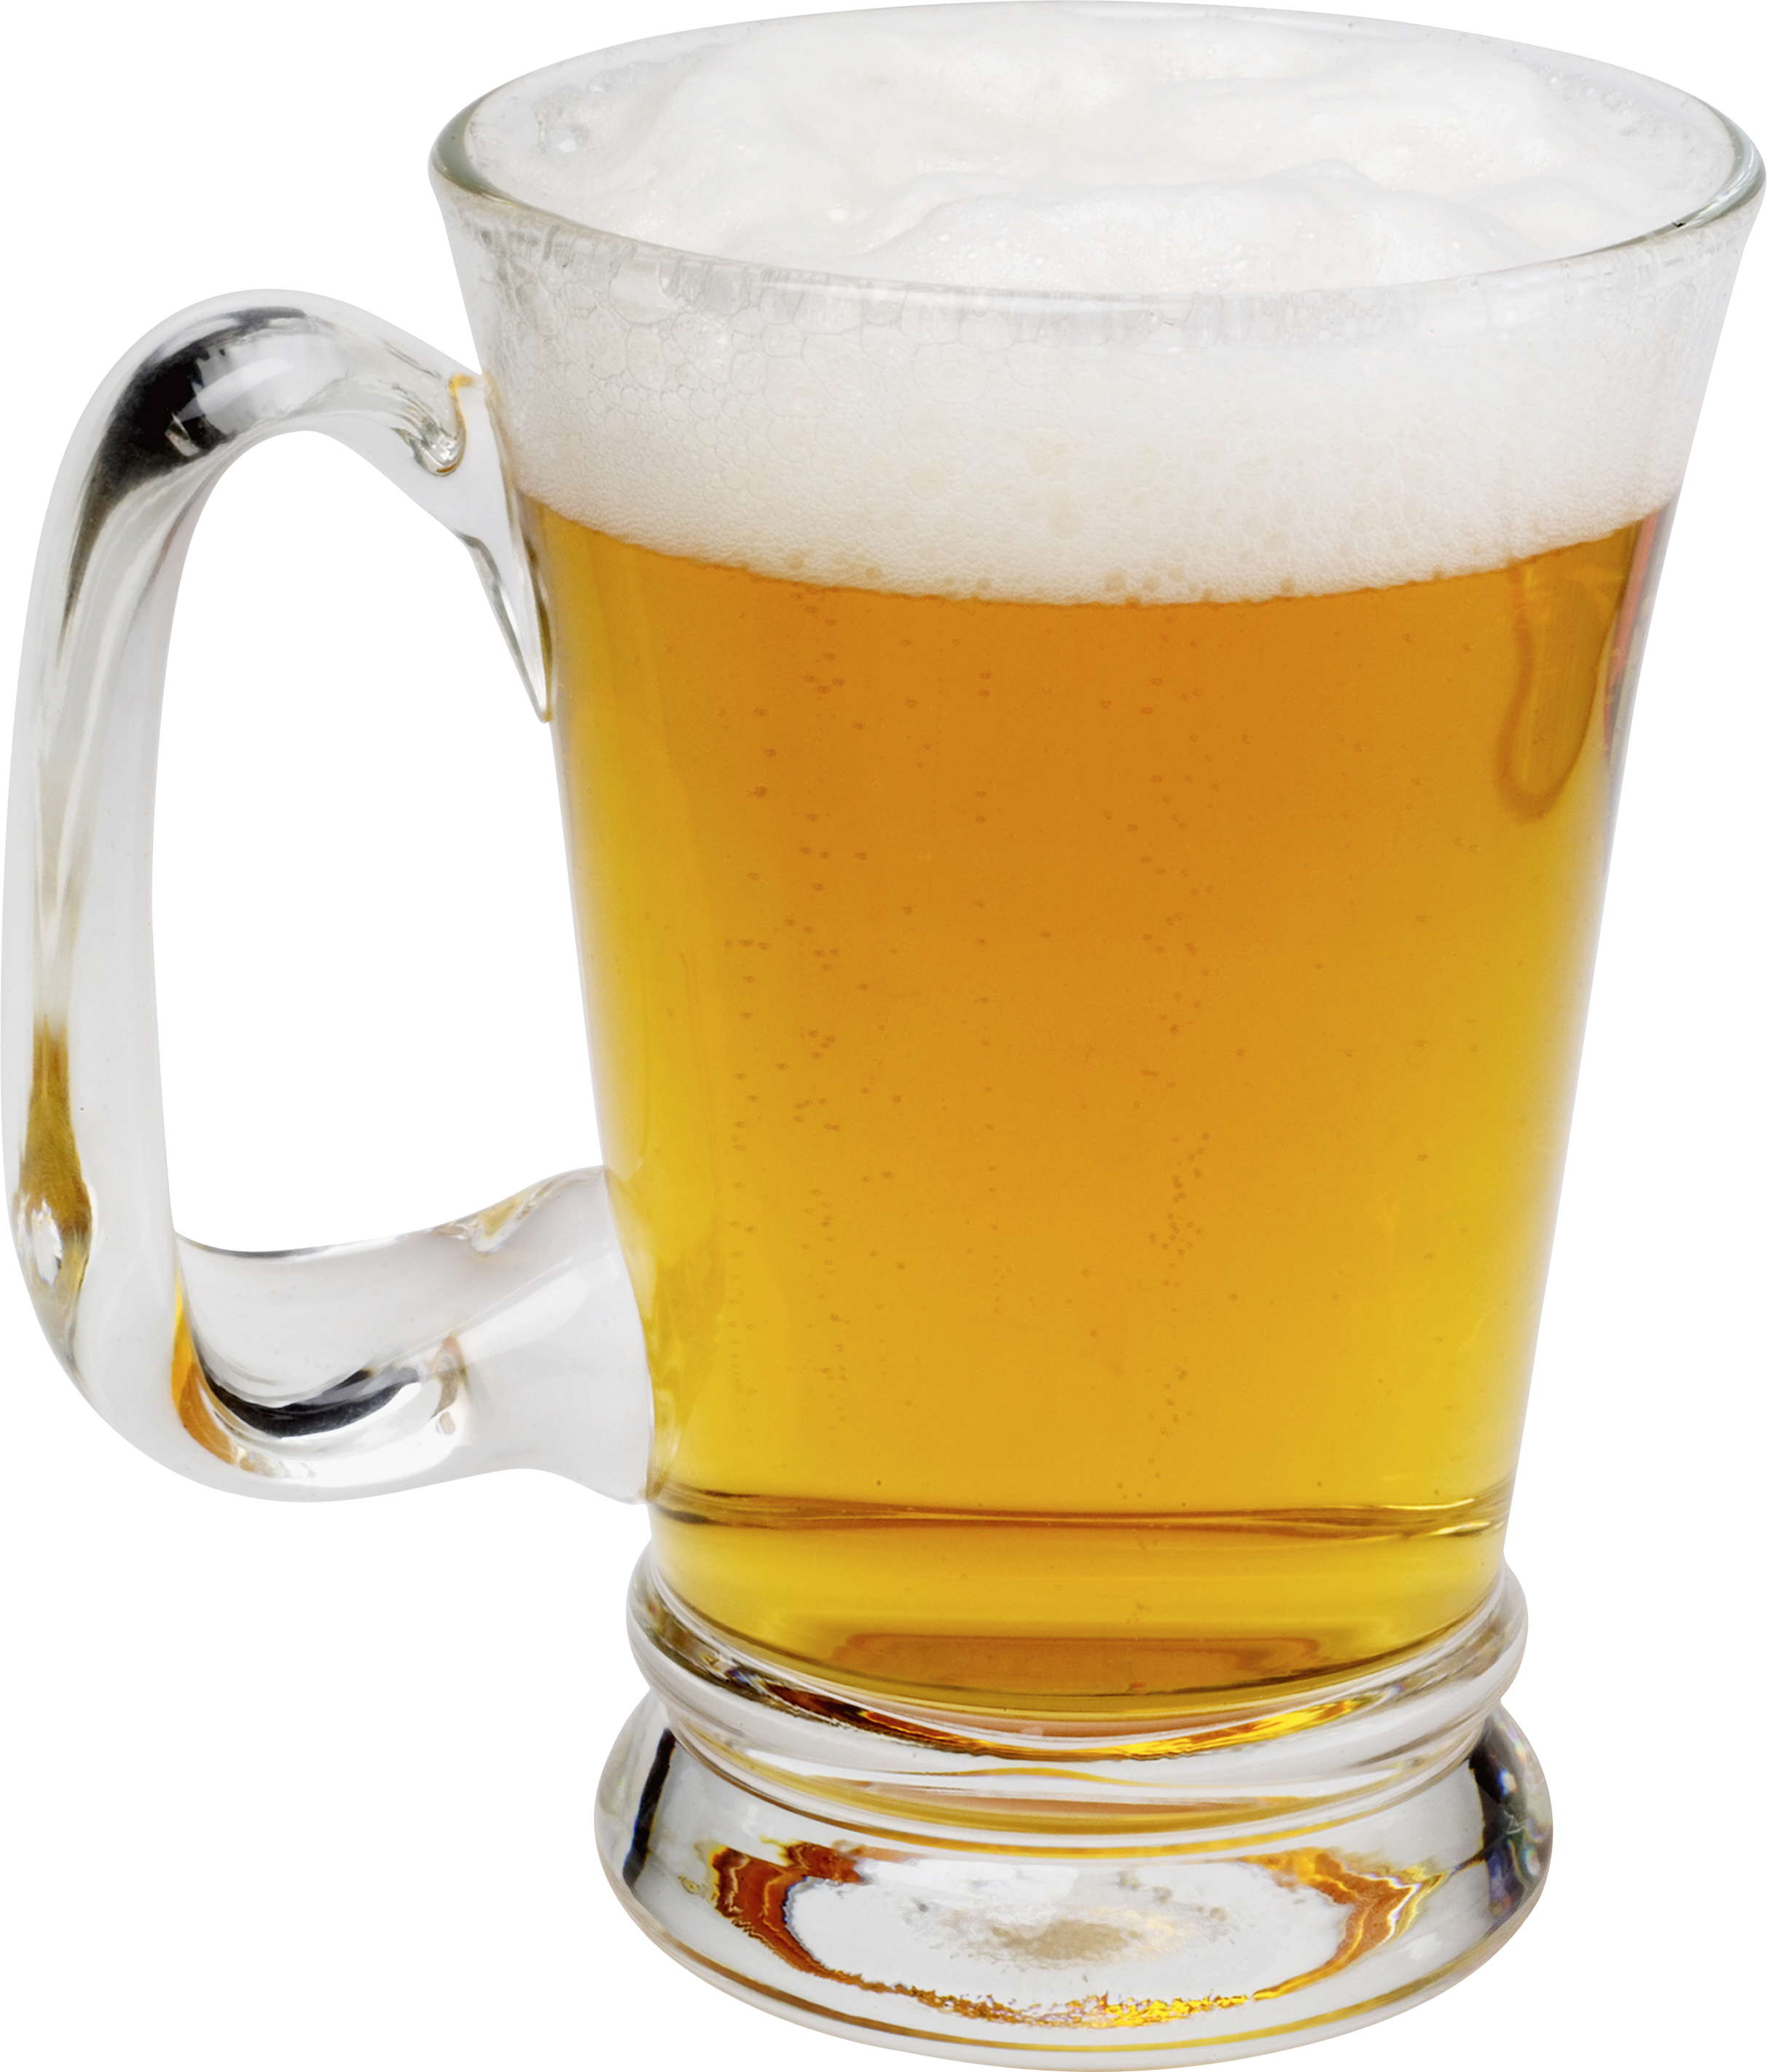 Download Png Image Beer Png Image Beer Beer Mug Mugs